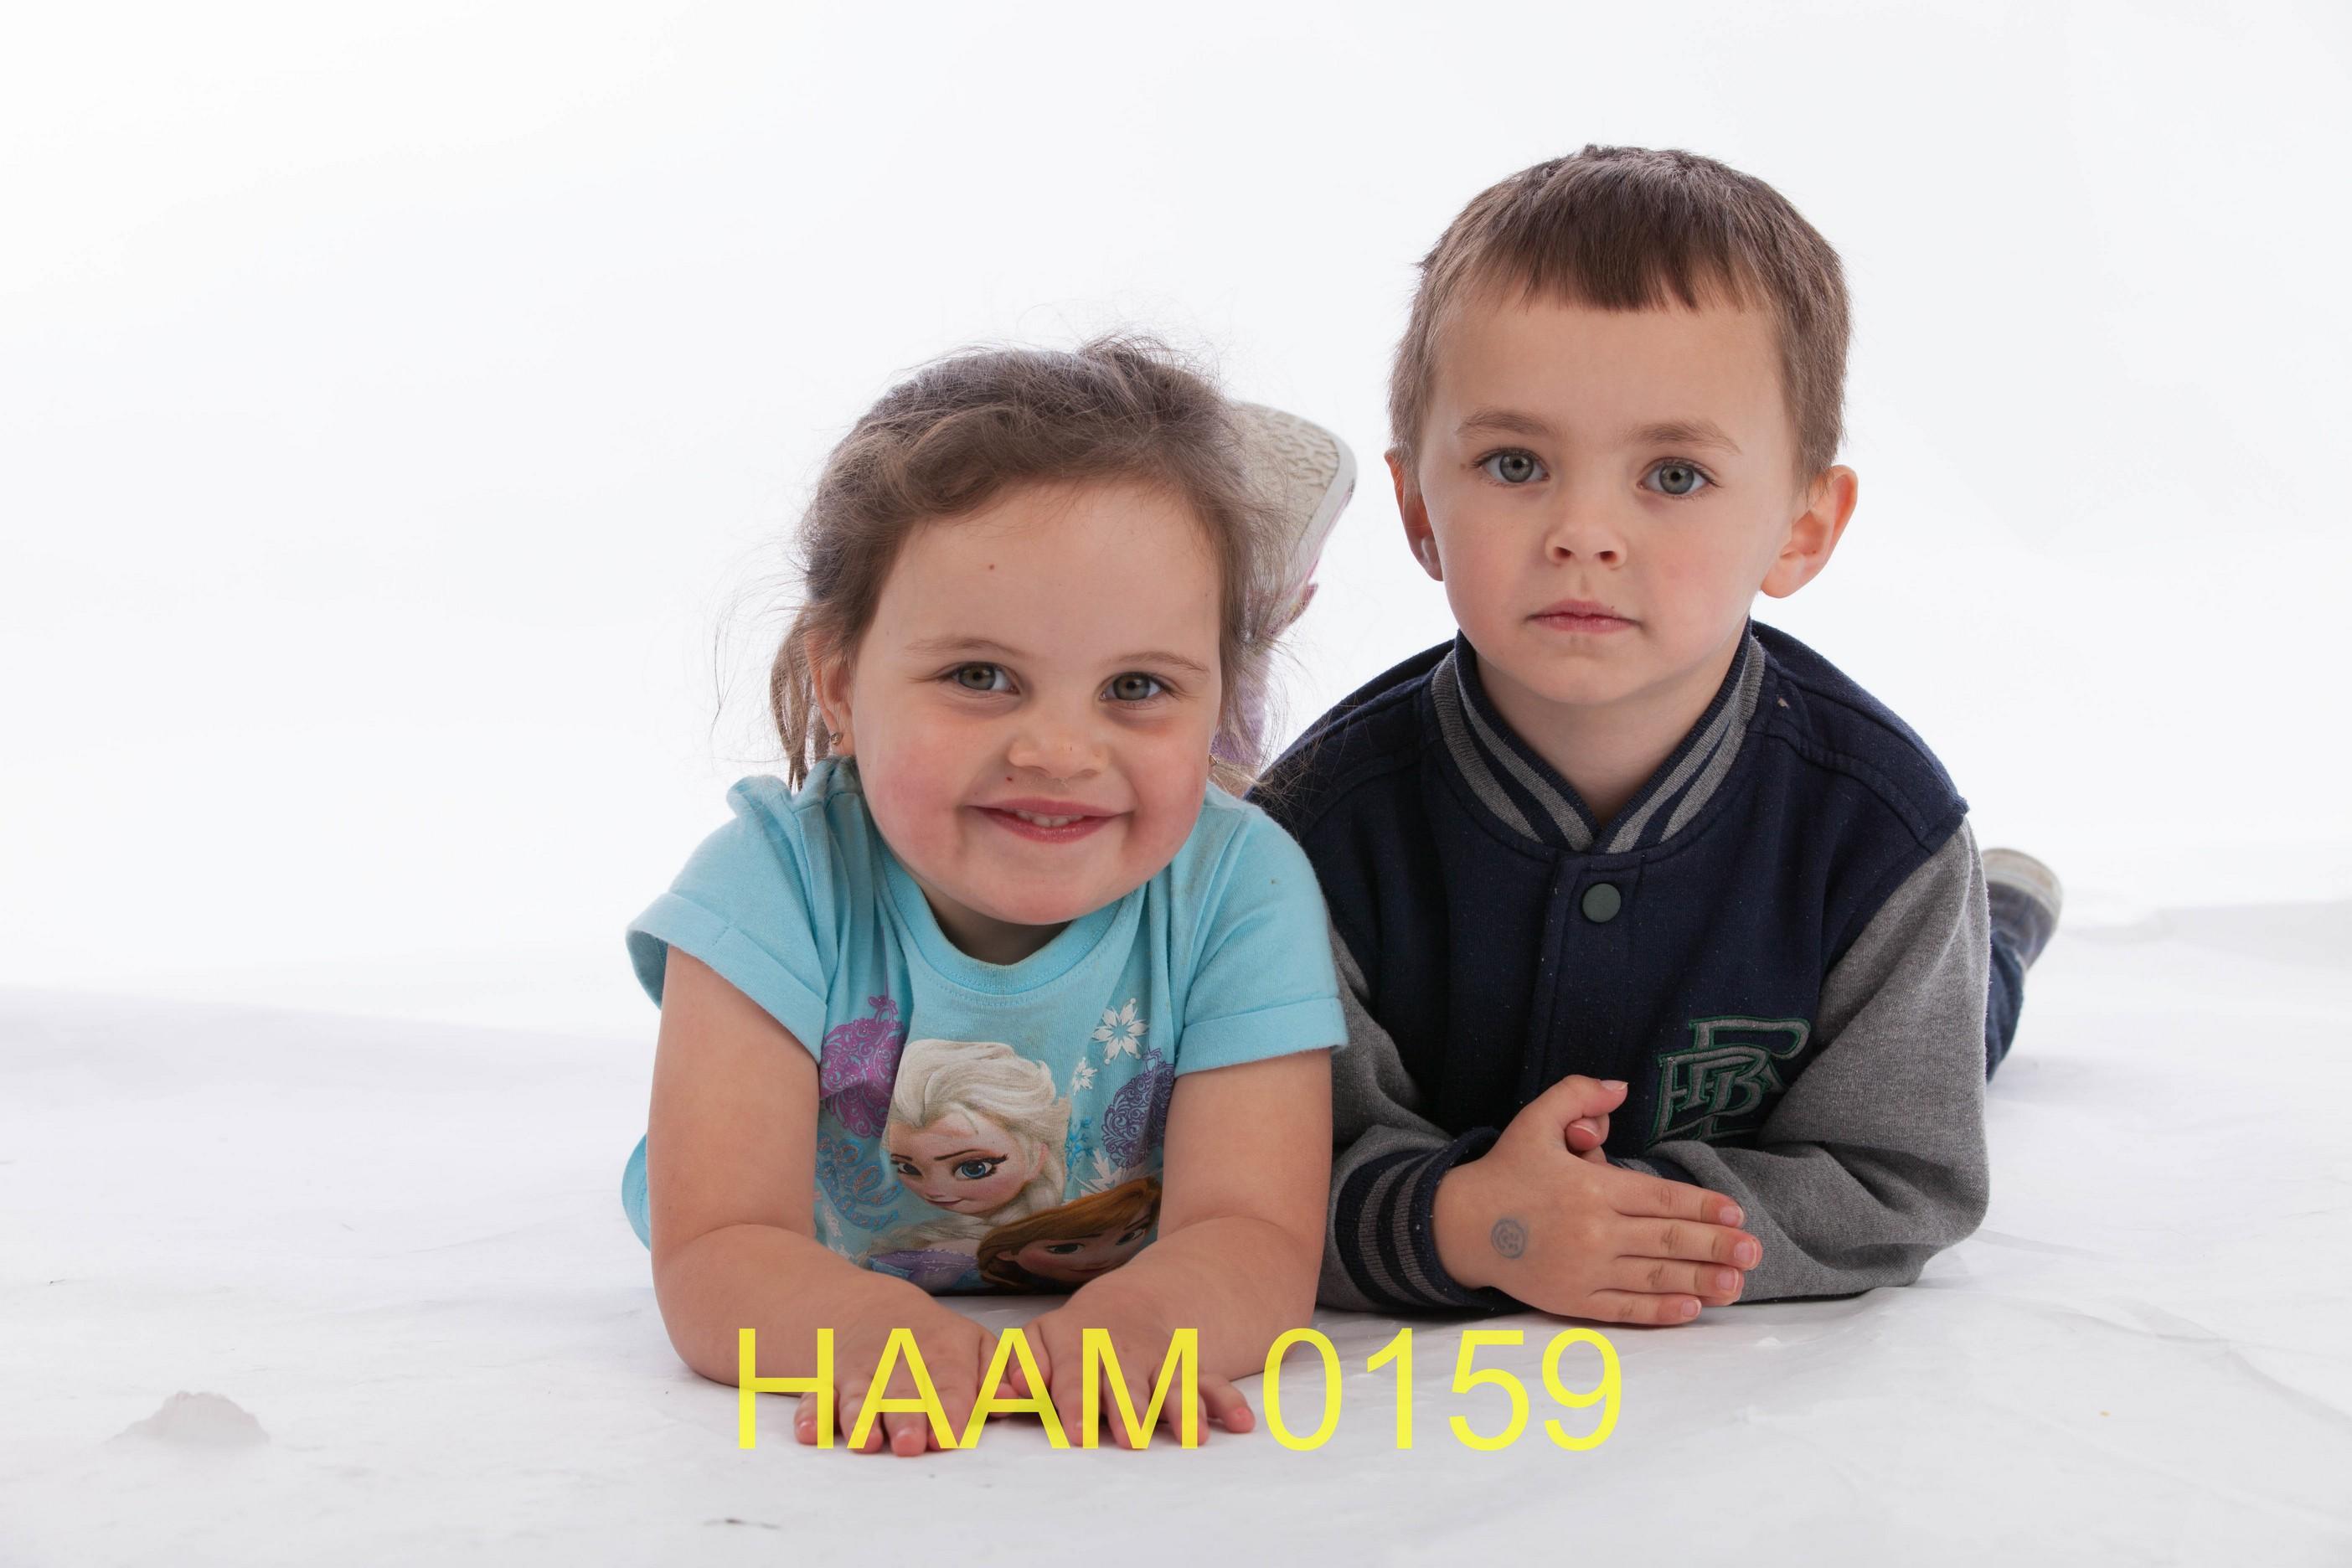 HAAM 0159